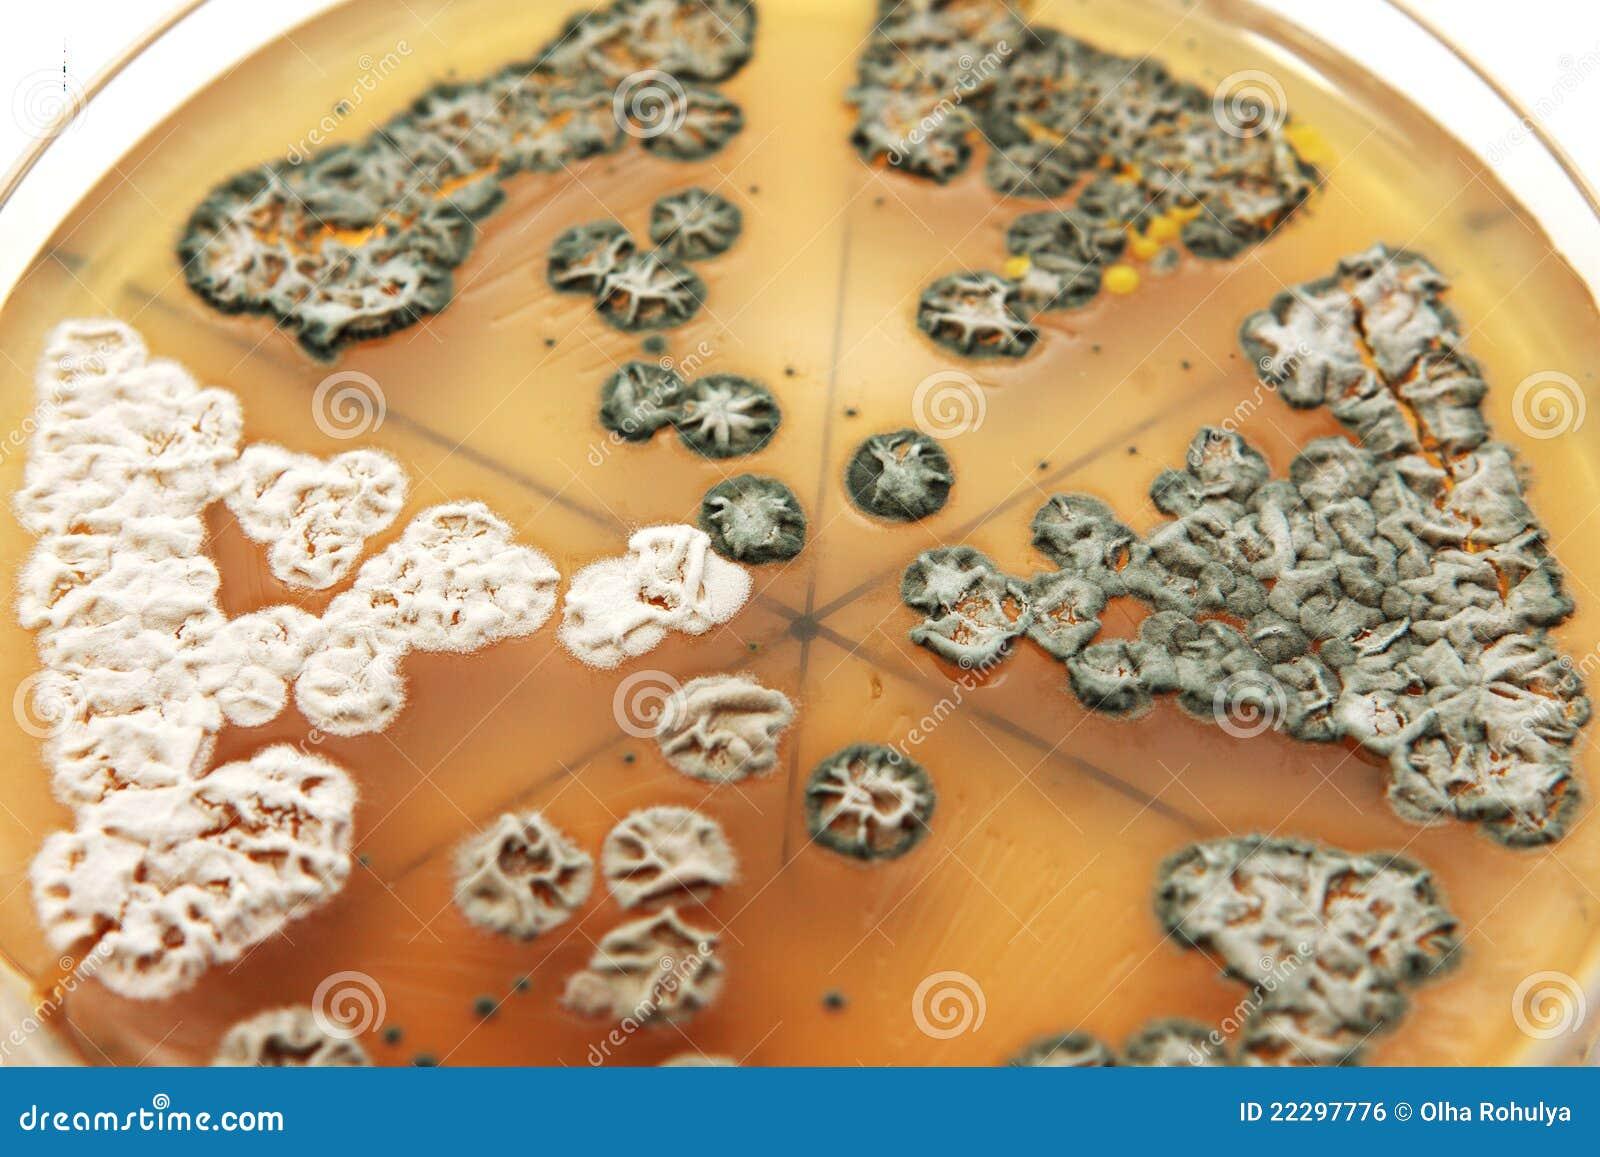 Fungi on agar